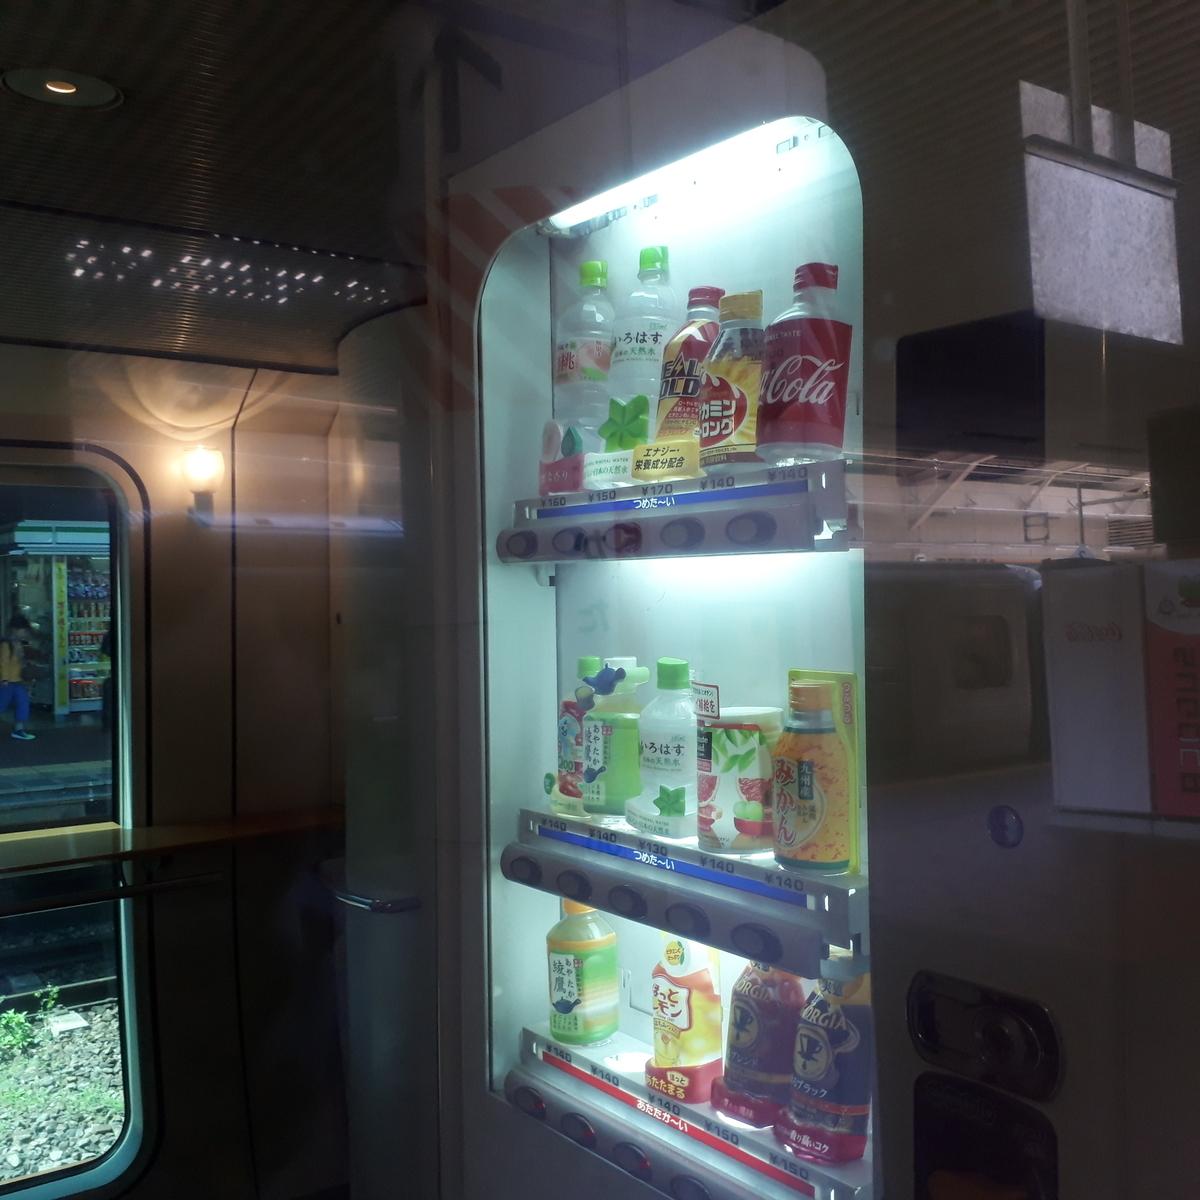 特急ソニック 885系 自動販売機